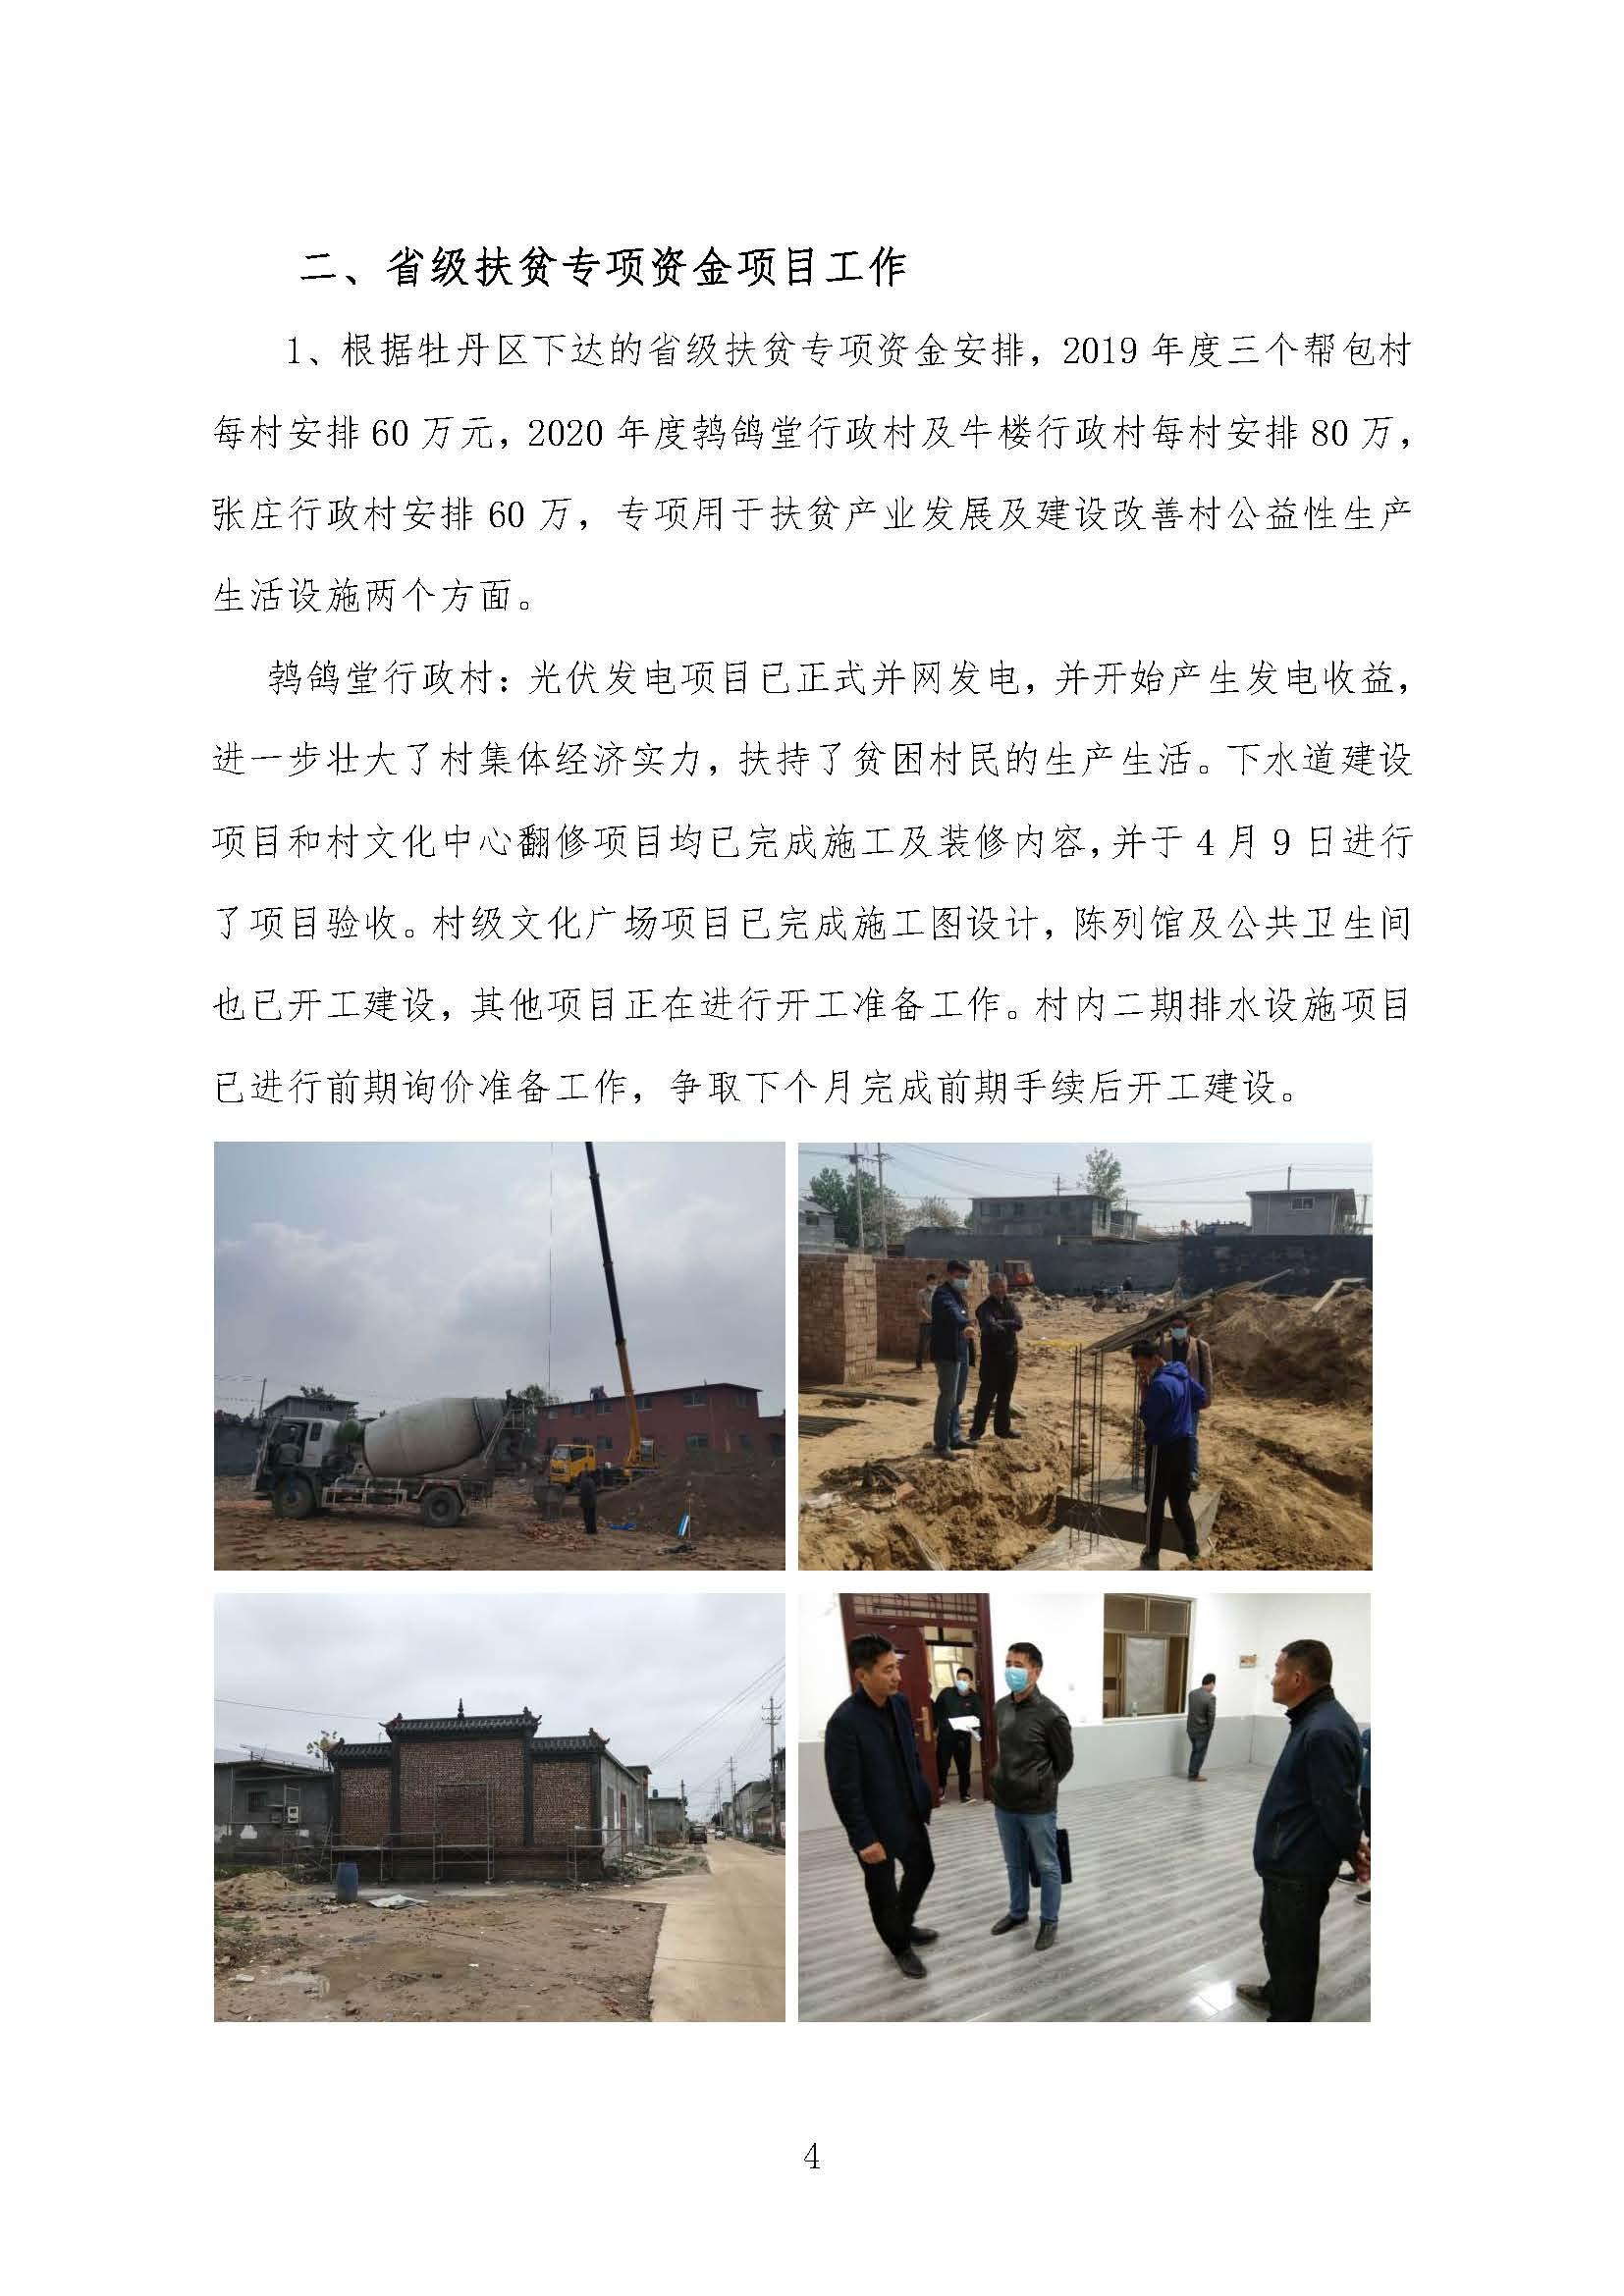 山东高速集团省派第一书记工作简讯-第12期_页面_4